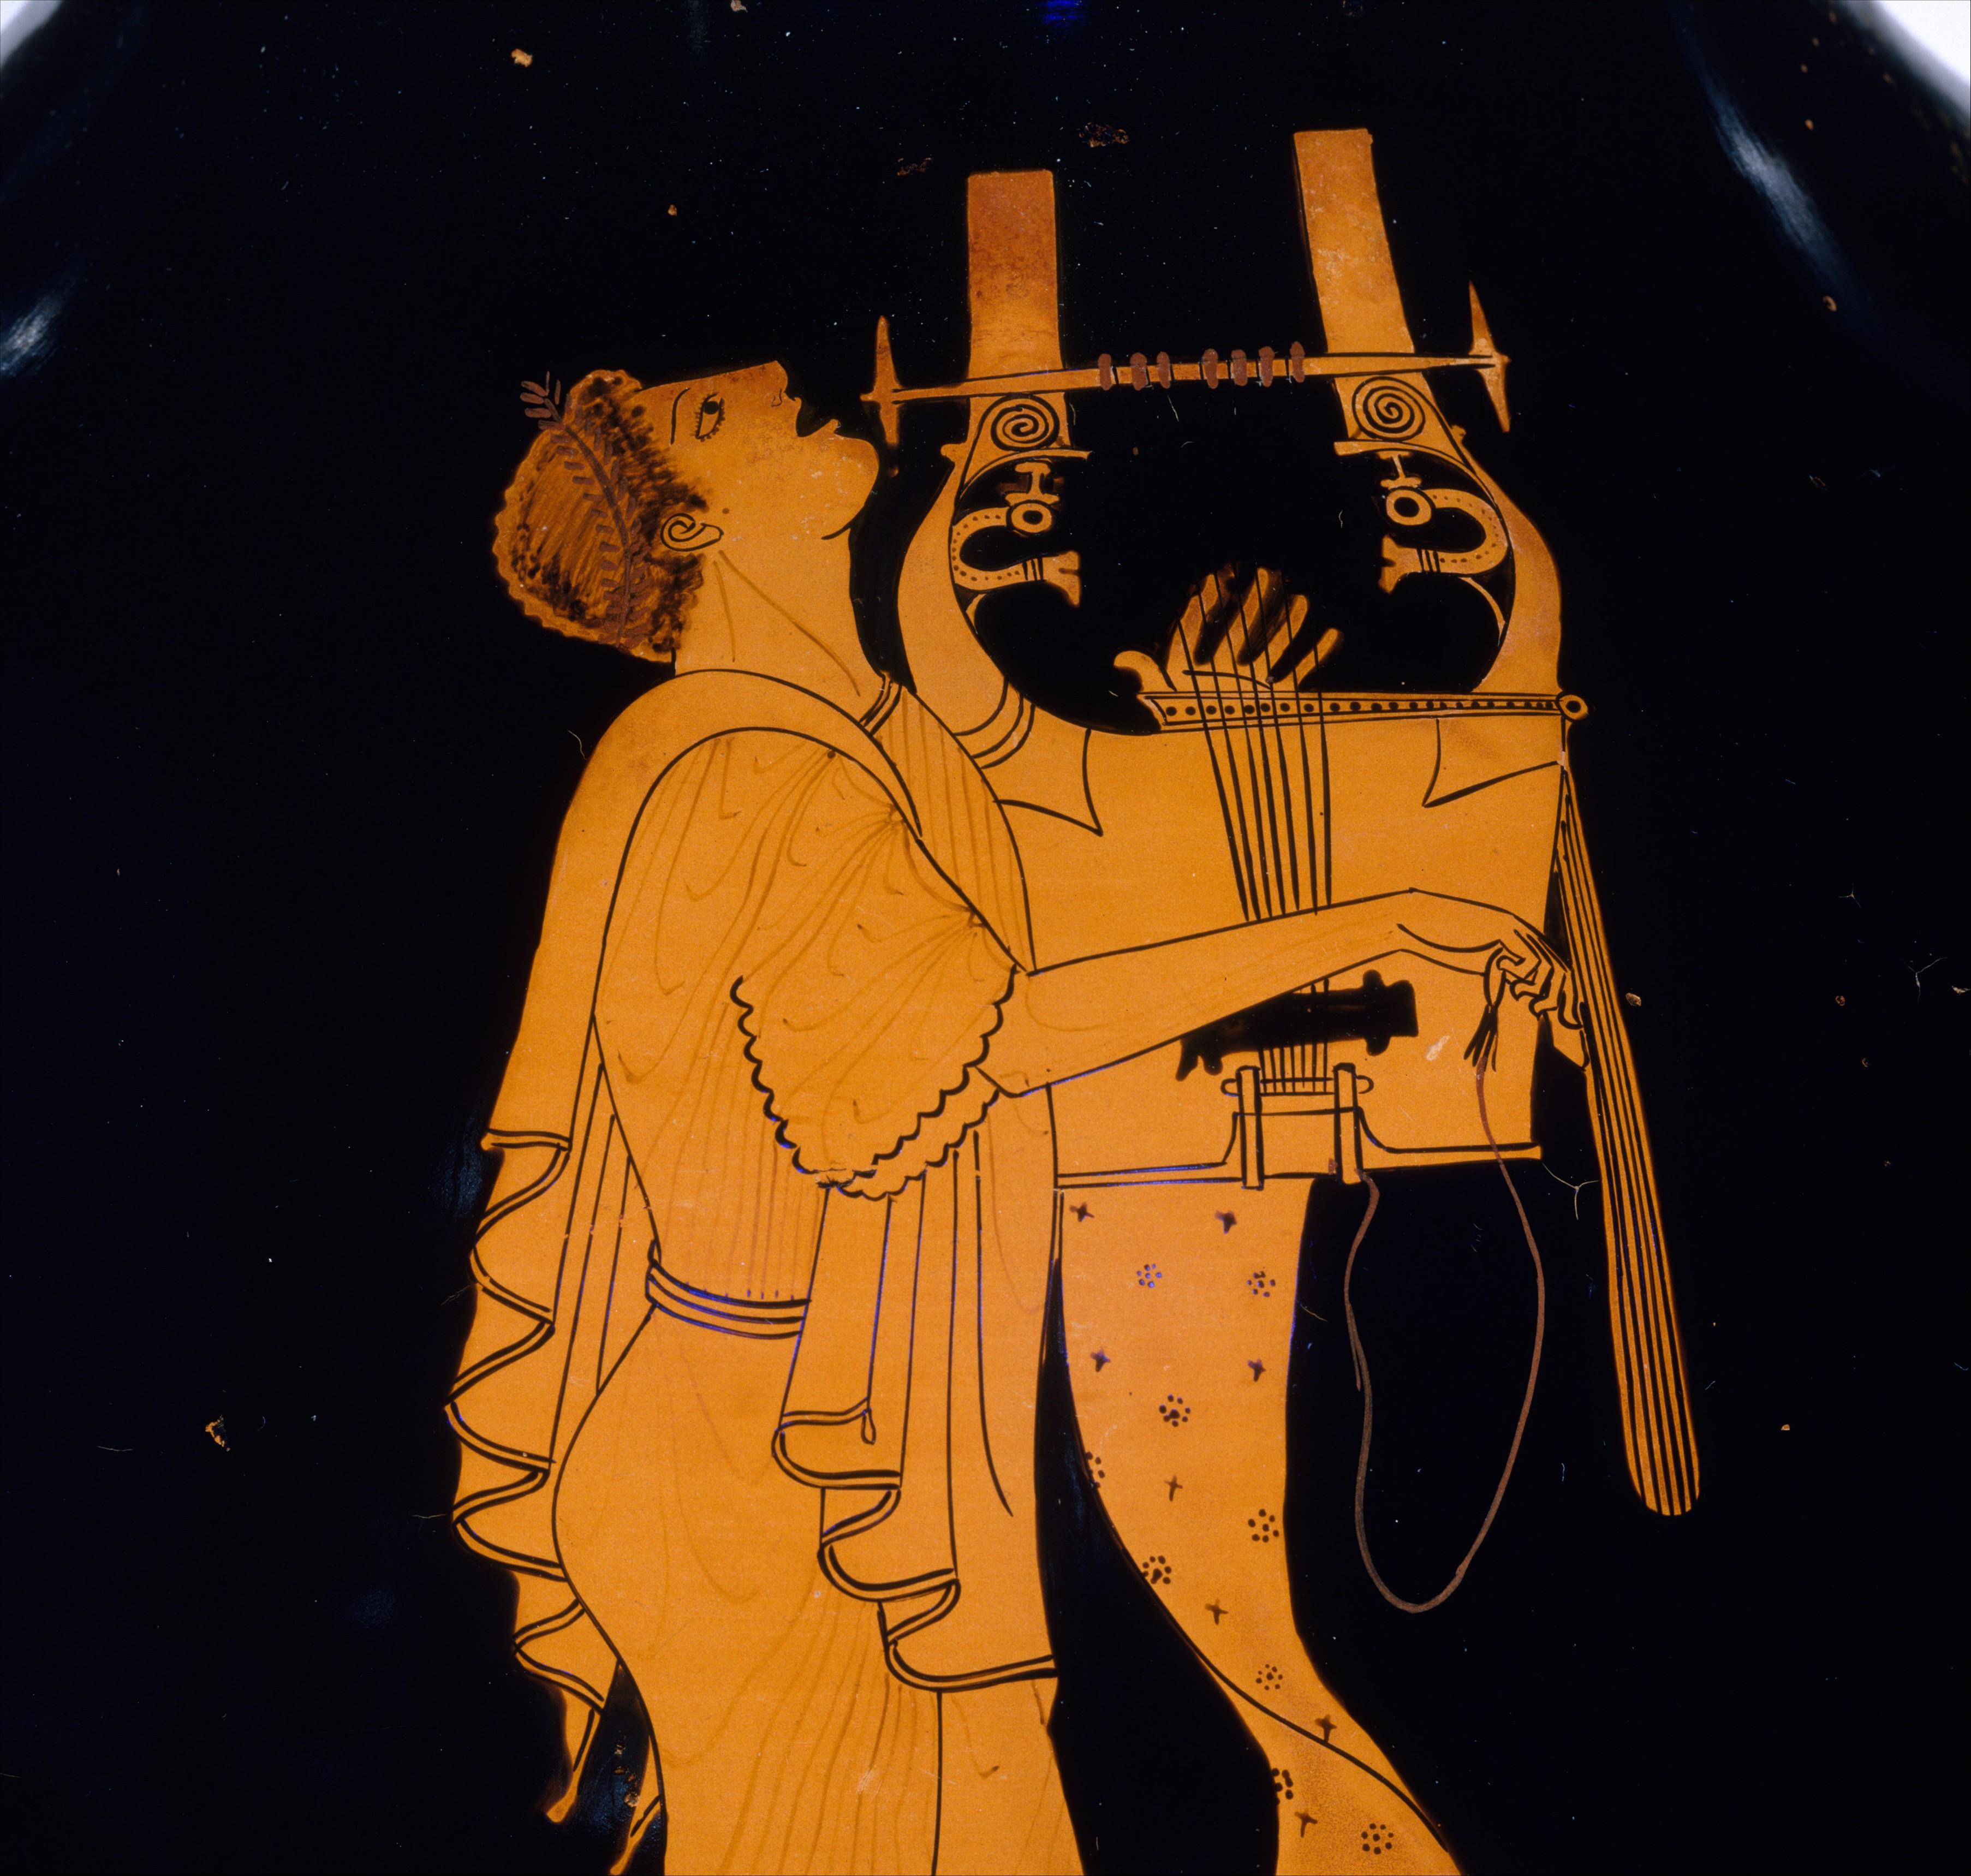 Кифаред на аверсе амфоры — шедевр древнегреческой вазописи, приписываемый берлинскому вазописцу; ок. 490 г. до н. э. (Метрополитен-музей, Нью-Йорк)